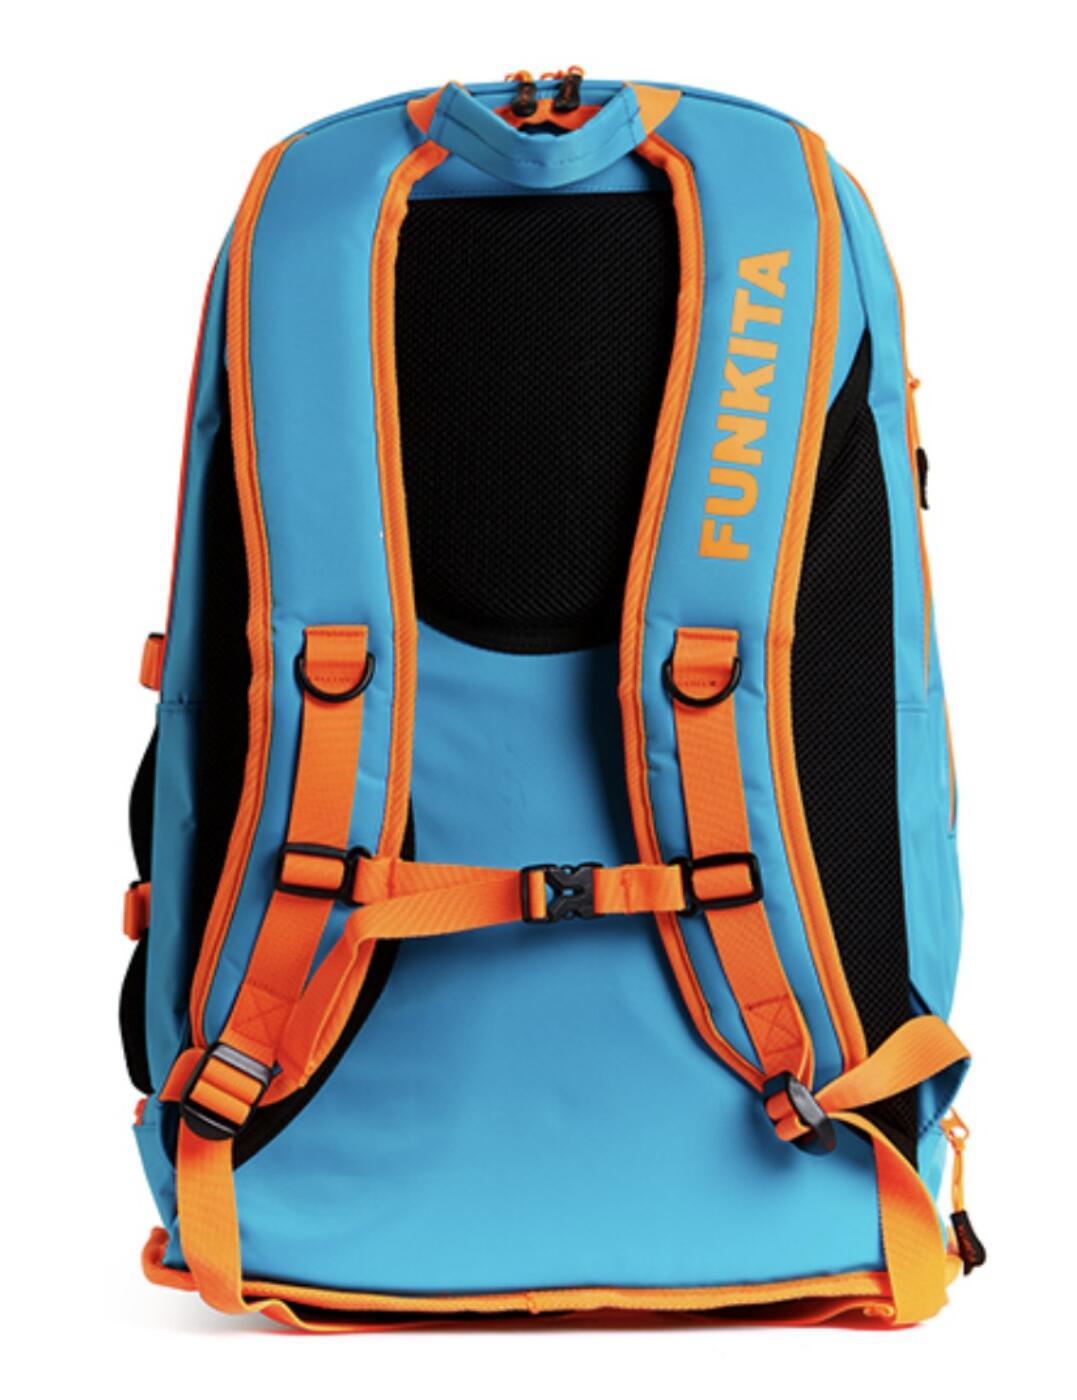 FKG003N Funkita Accessories Elite Squad Backpack - FKG003N02021 Blue Lagoon